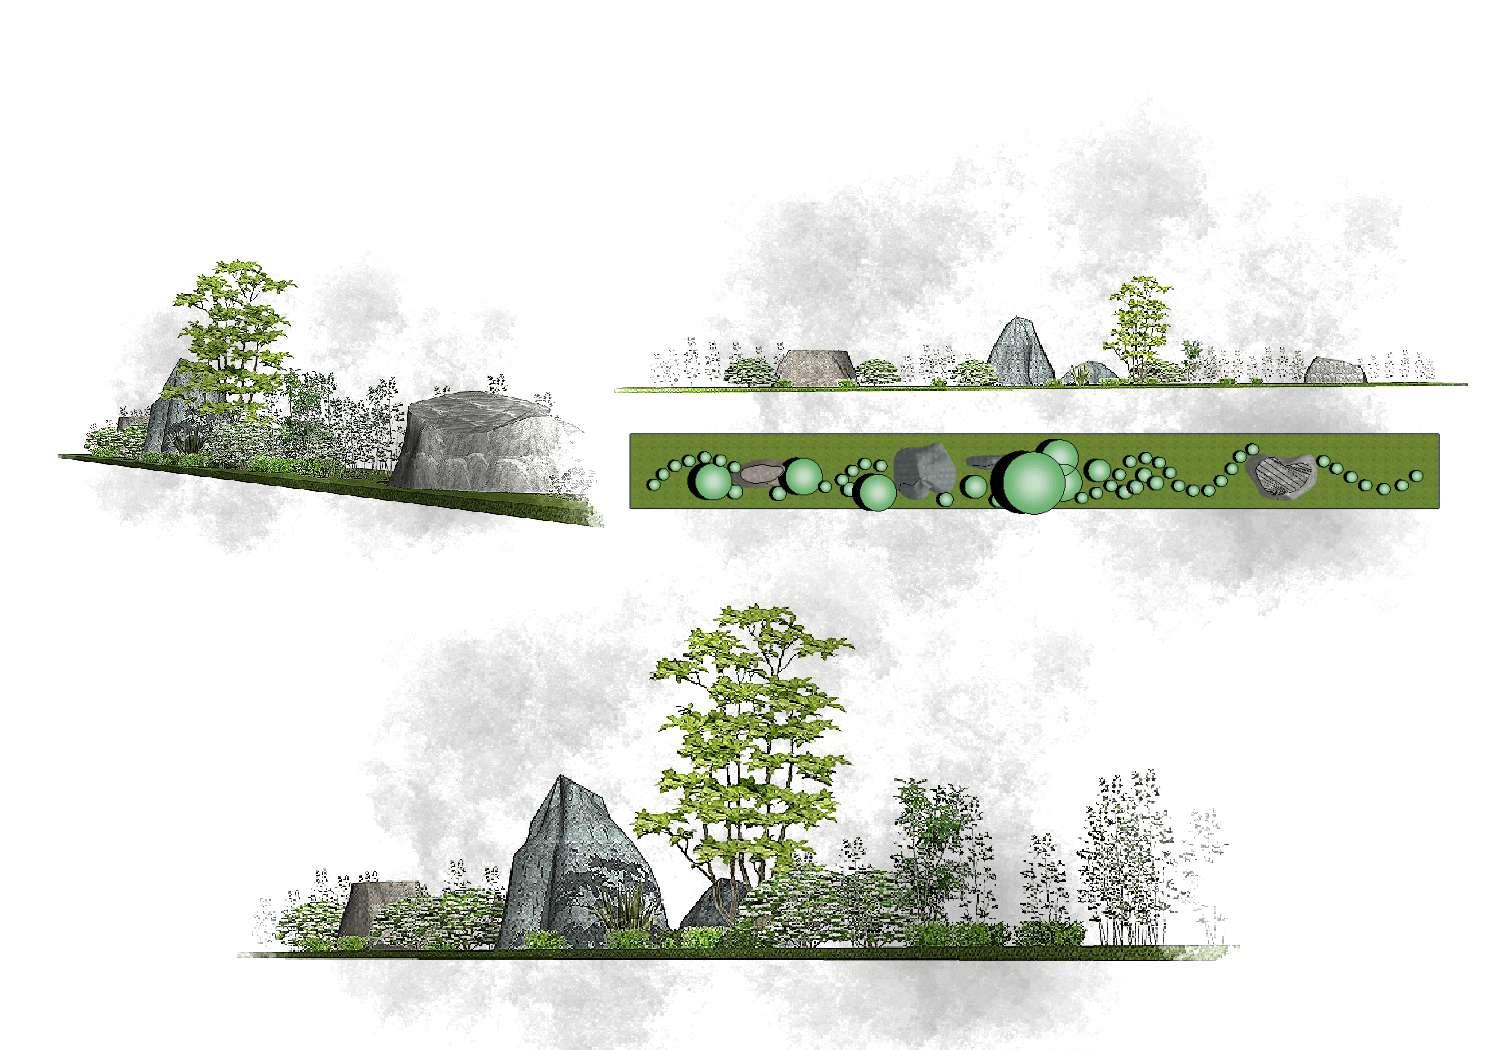 こういくや お庭に風景を描く会社です